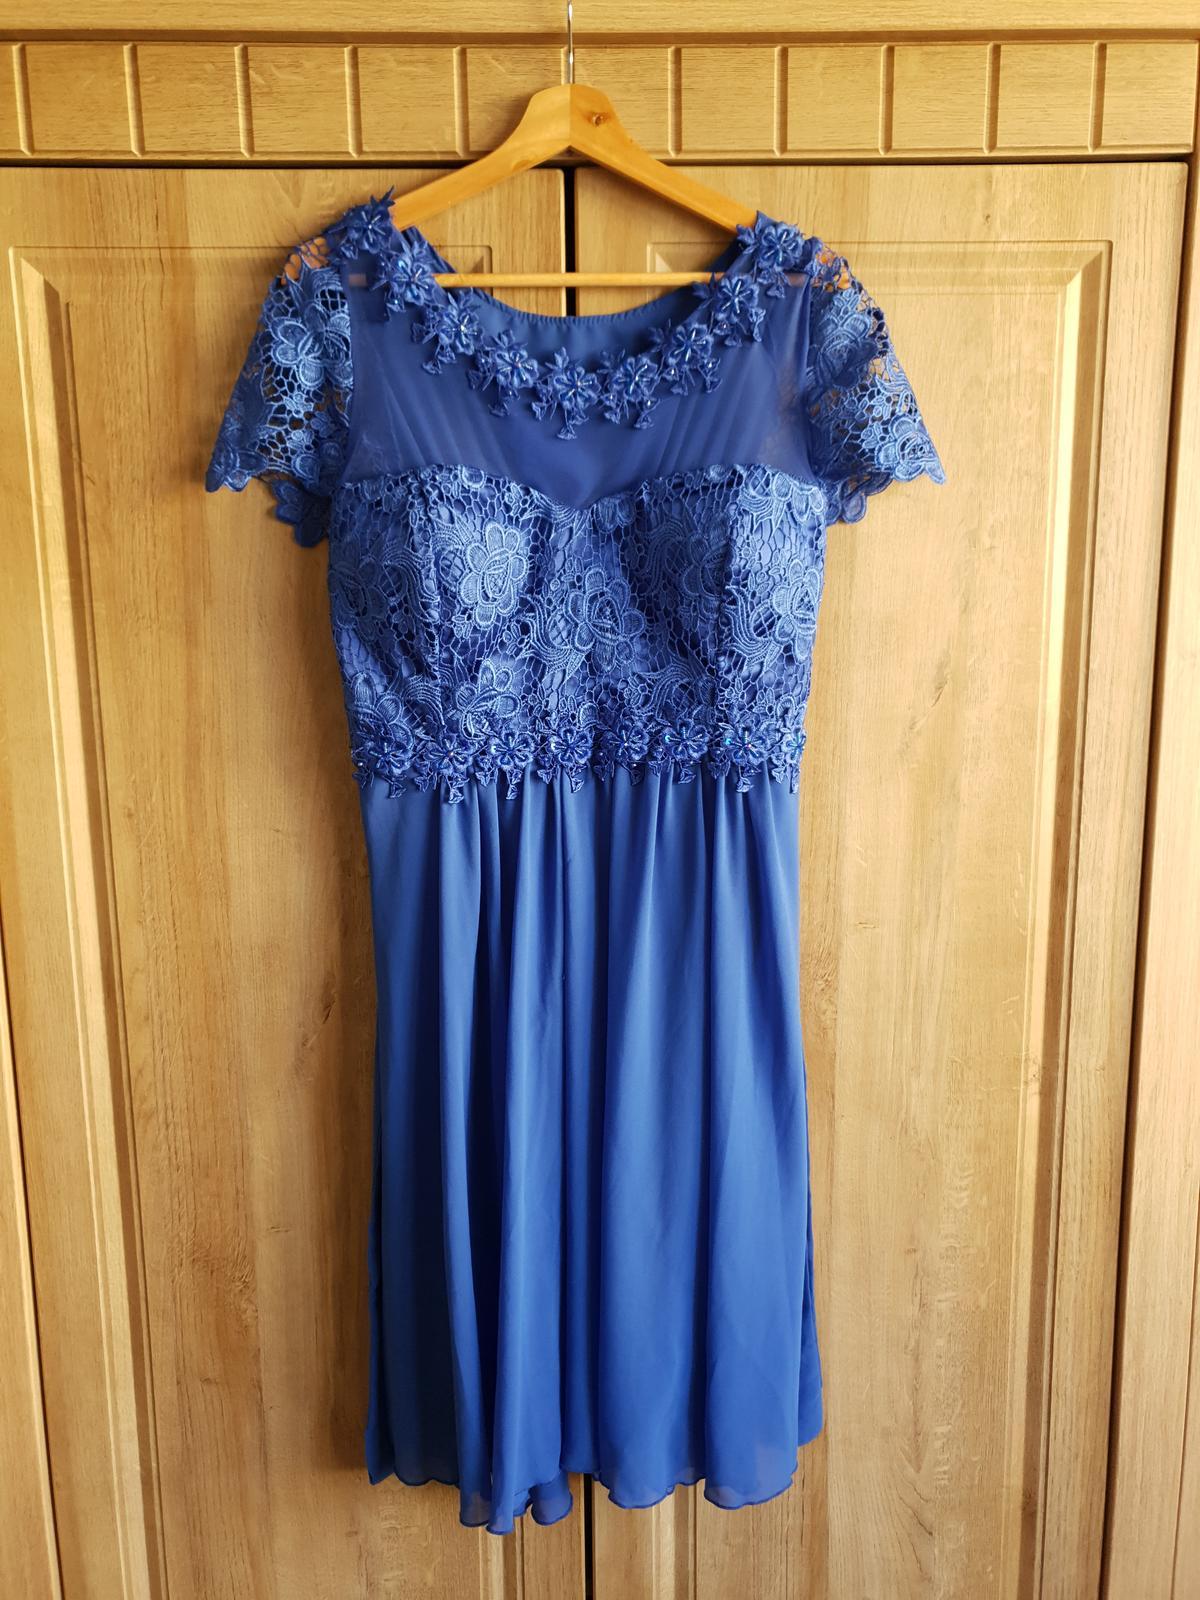 Šaty - kráľovská modrá - Obrázok č. 1